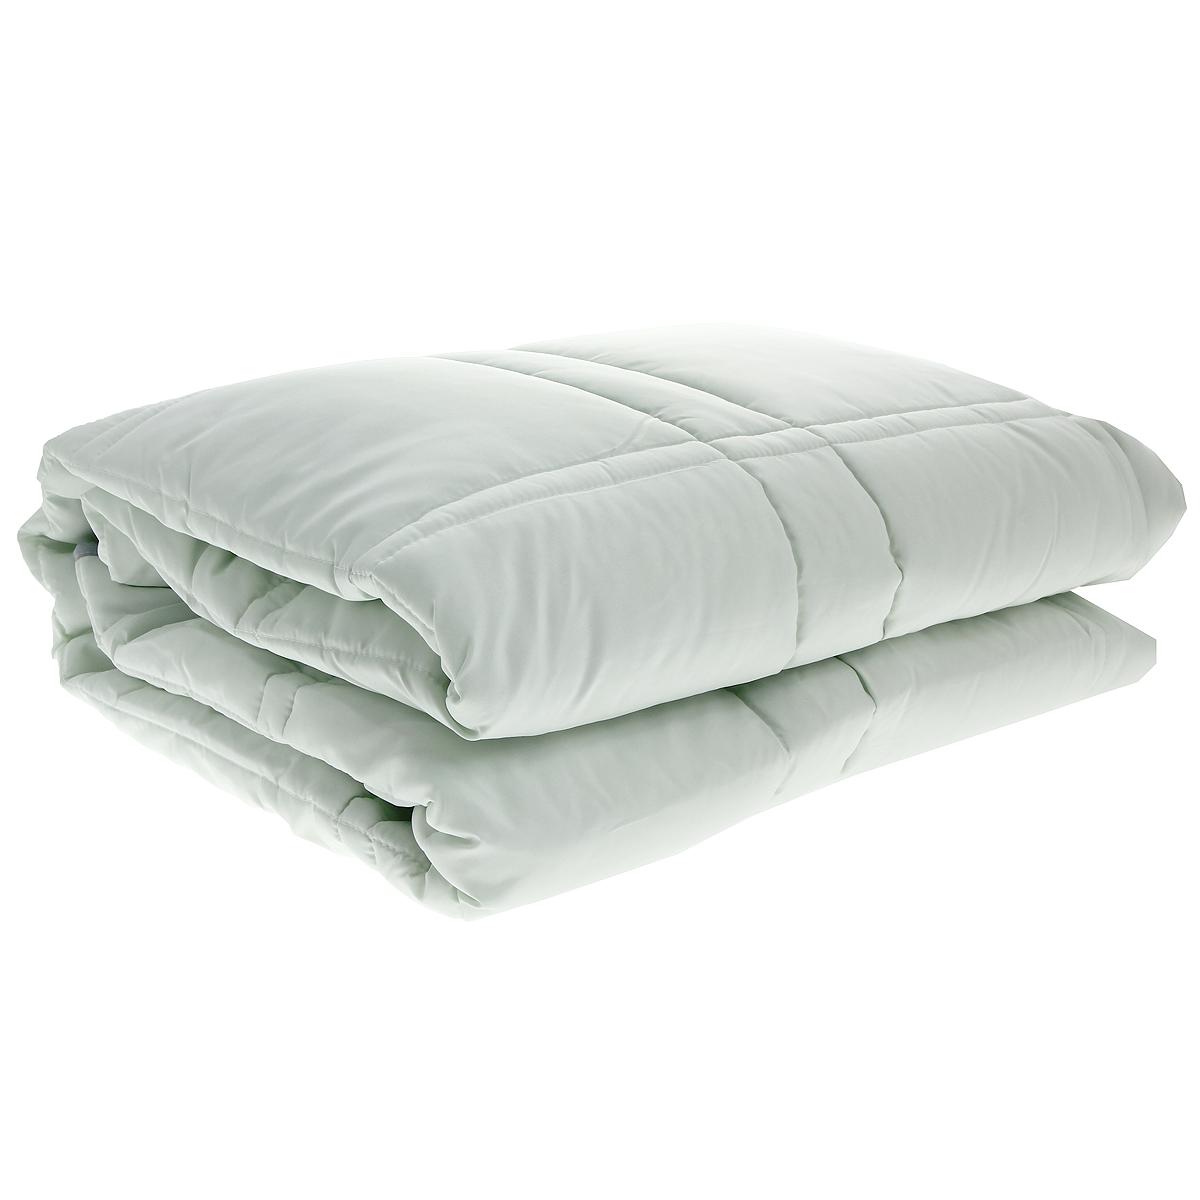 Одеяло TAC Casabel, наполнитель: силиконизированное волокно, цвет: зеленый, 140 x 205 см7117B-8800003621Одеяло TAC Casabel подарит вам здоровый и комфортный сон. Чехол одеяла выполнен из мягкого, приятного на ощупь полиэфира. Наполнитель одеяла - силиконизированное полиэфирное волокно. Это полое, не склеенное, скрученное волокно. Оно проходит высокую степень силиконизации, тем самым увеличивается его упругость. В изделиях это определяет срок службы. Наполнитель экологически чистый, без запаха, не вызывает аллергии. Изделия с этим наполнителем отлично сохраняют тепло, держат объем, обладая при этом мягкостью и упругостью. Они легкие, гипоаллергенные, свободно пропускают воздух, в них не поселяются вредные микроорганизмы. Одеяло стирается в обычной стиральной машине, быстро сохнет, после стирки восстанавливает свой объем и форму. Одеяло простегано и окантовано, фигурная стежка равномерно удерживает наполнитель внутри и не позволяет ему скатываться. Ваше одеяло прослужит долго, а его изысканный внешний вид будет годами дарить вам уют. ...